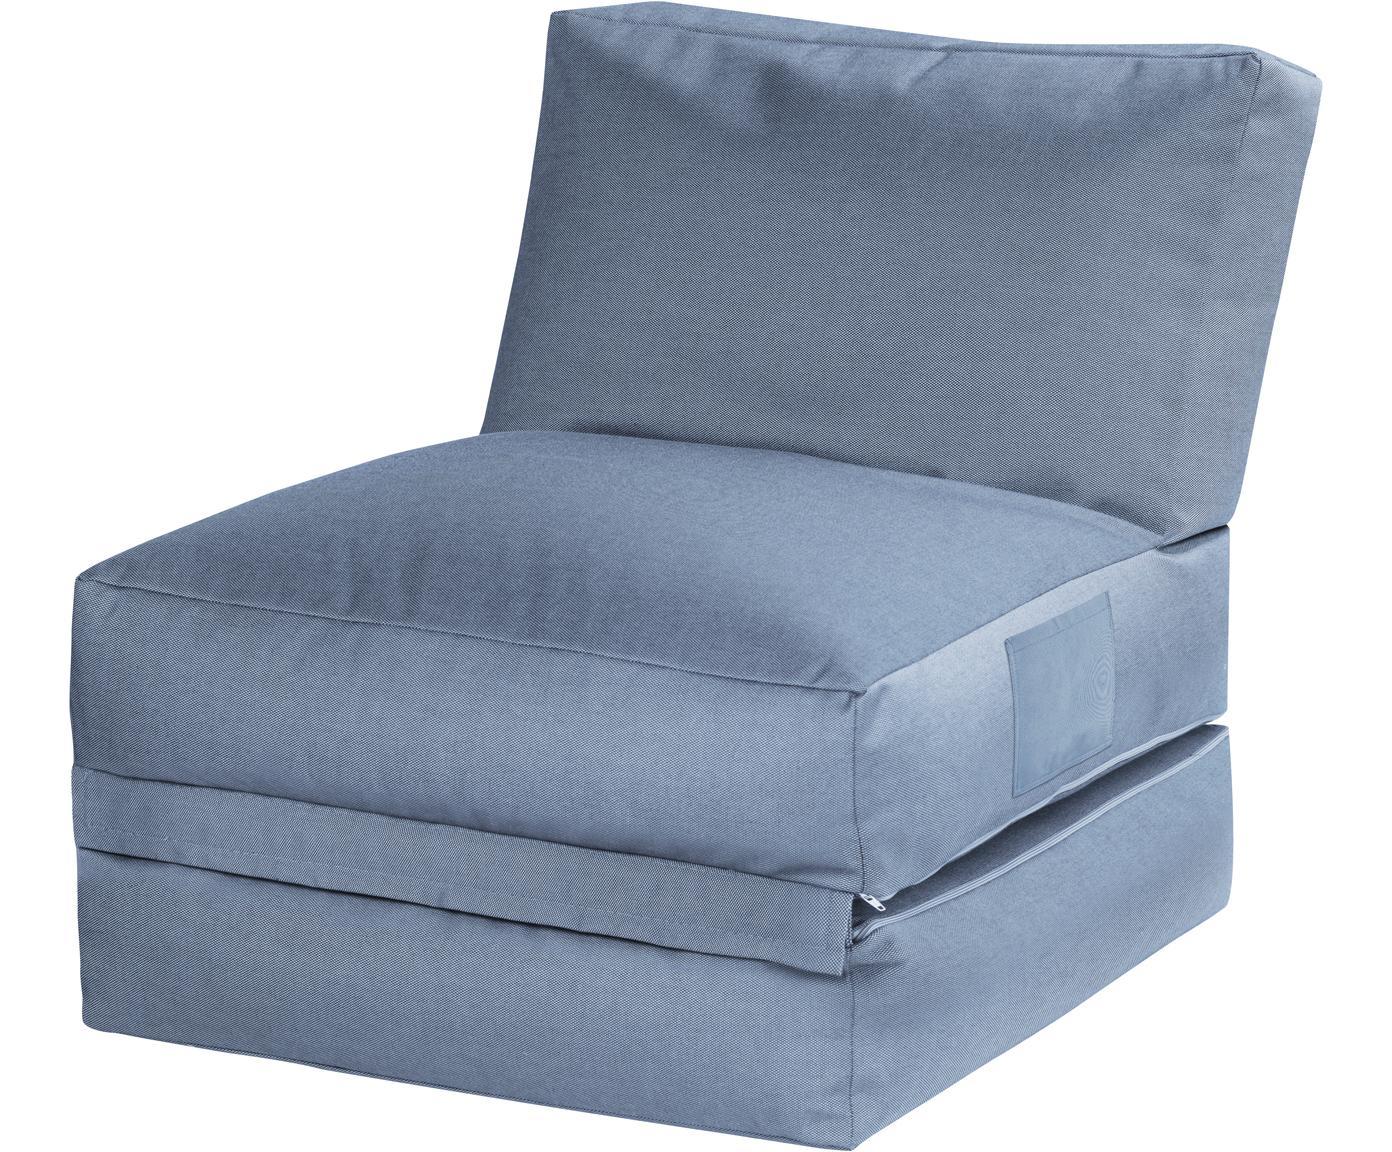 Worek do siedzenia ogrodowy z funkcją leżeniaTwist, Tapicerka: poliakryl poliaktylonitry, Niebieski, 70 x 80 cm